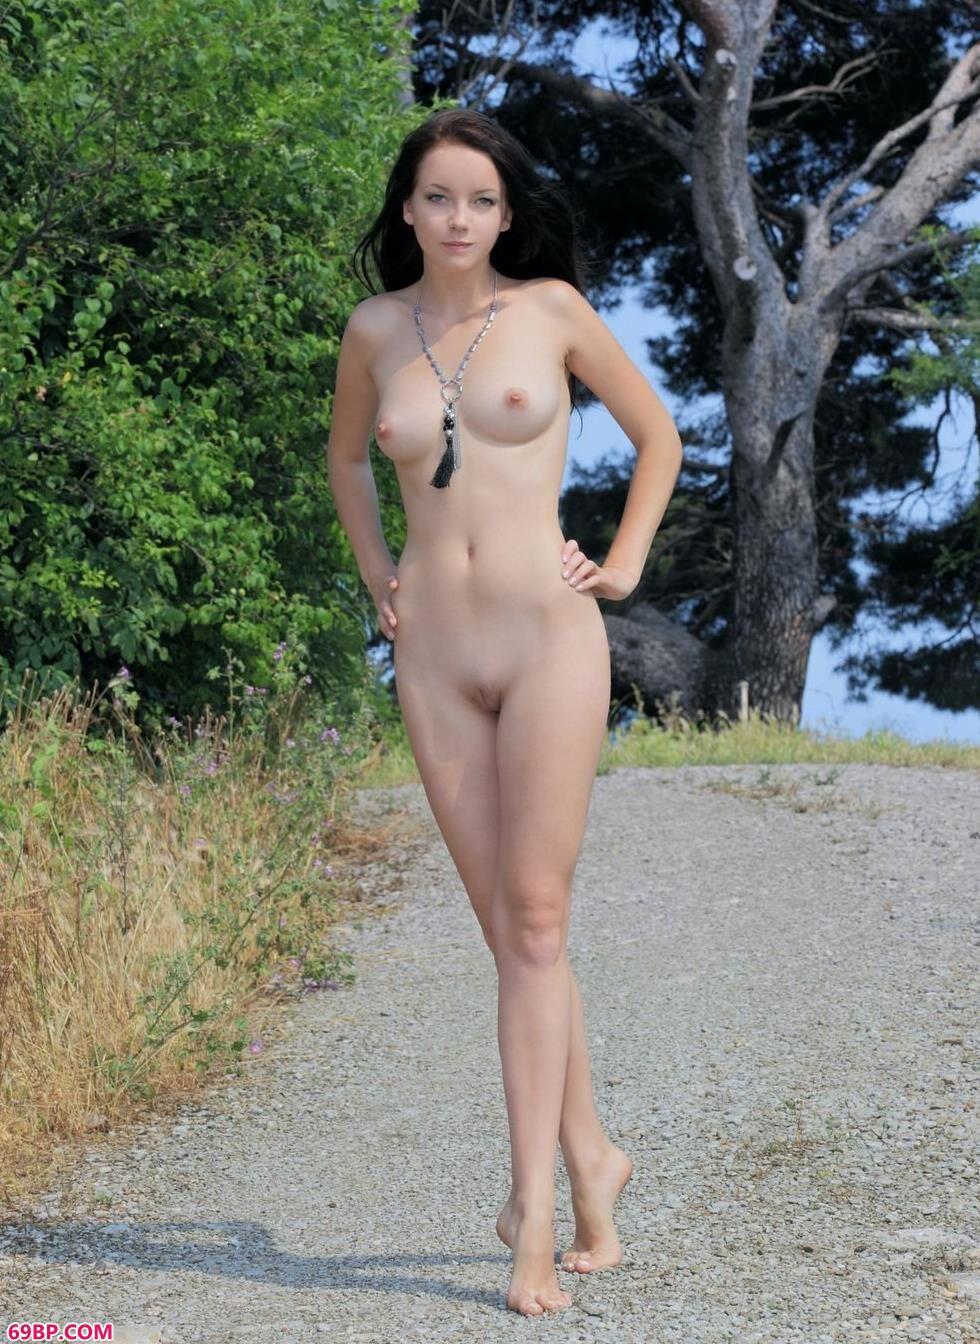 超模Diana森林里的丰腴人体_人体模特汤芳